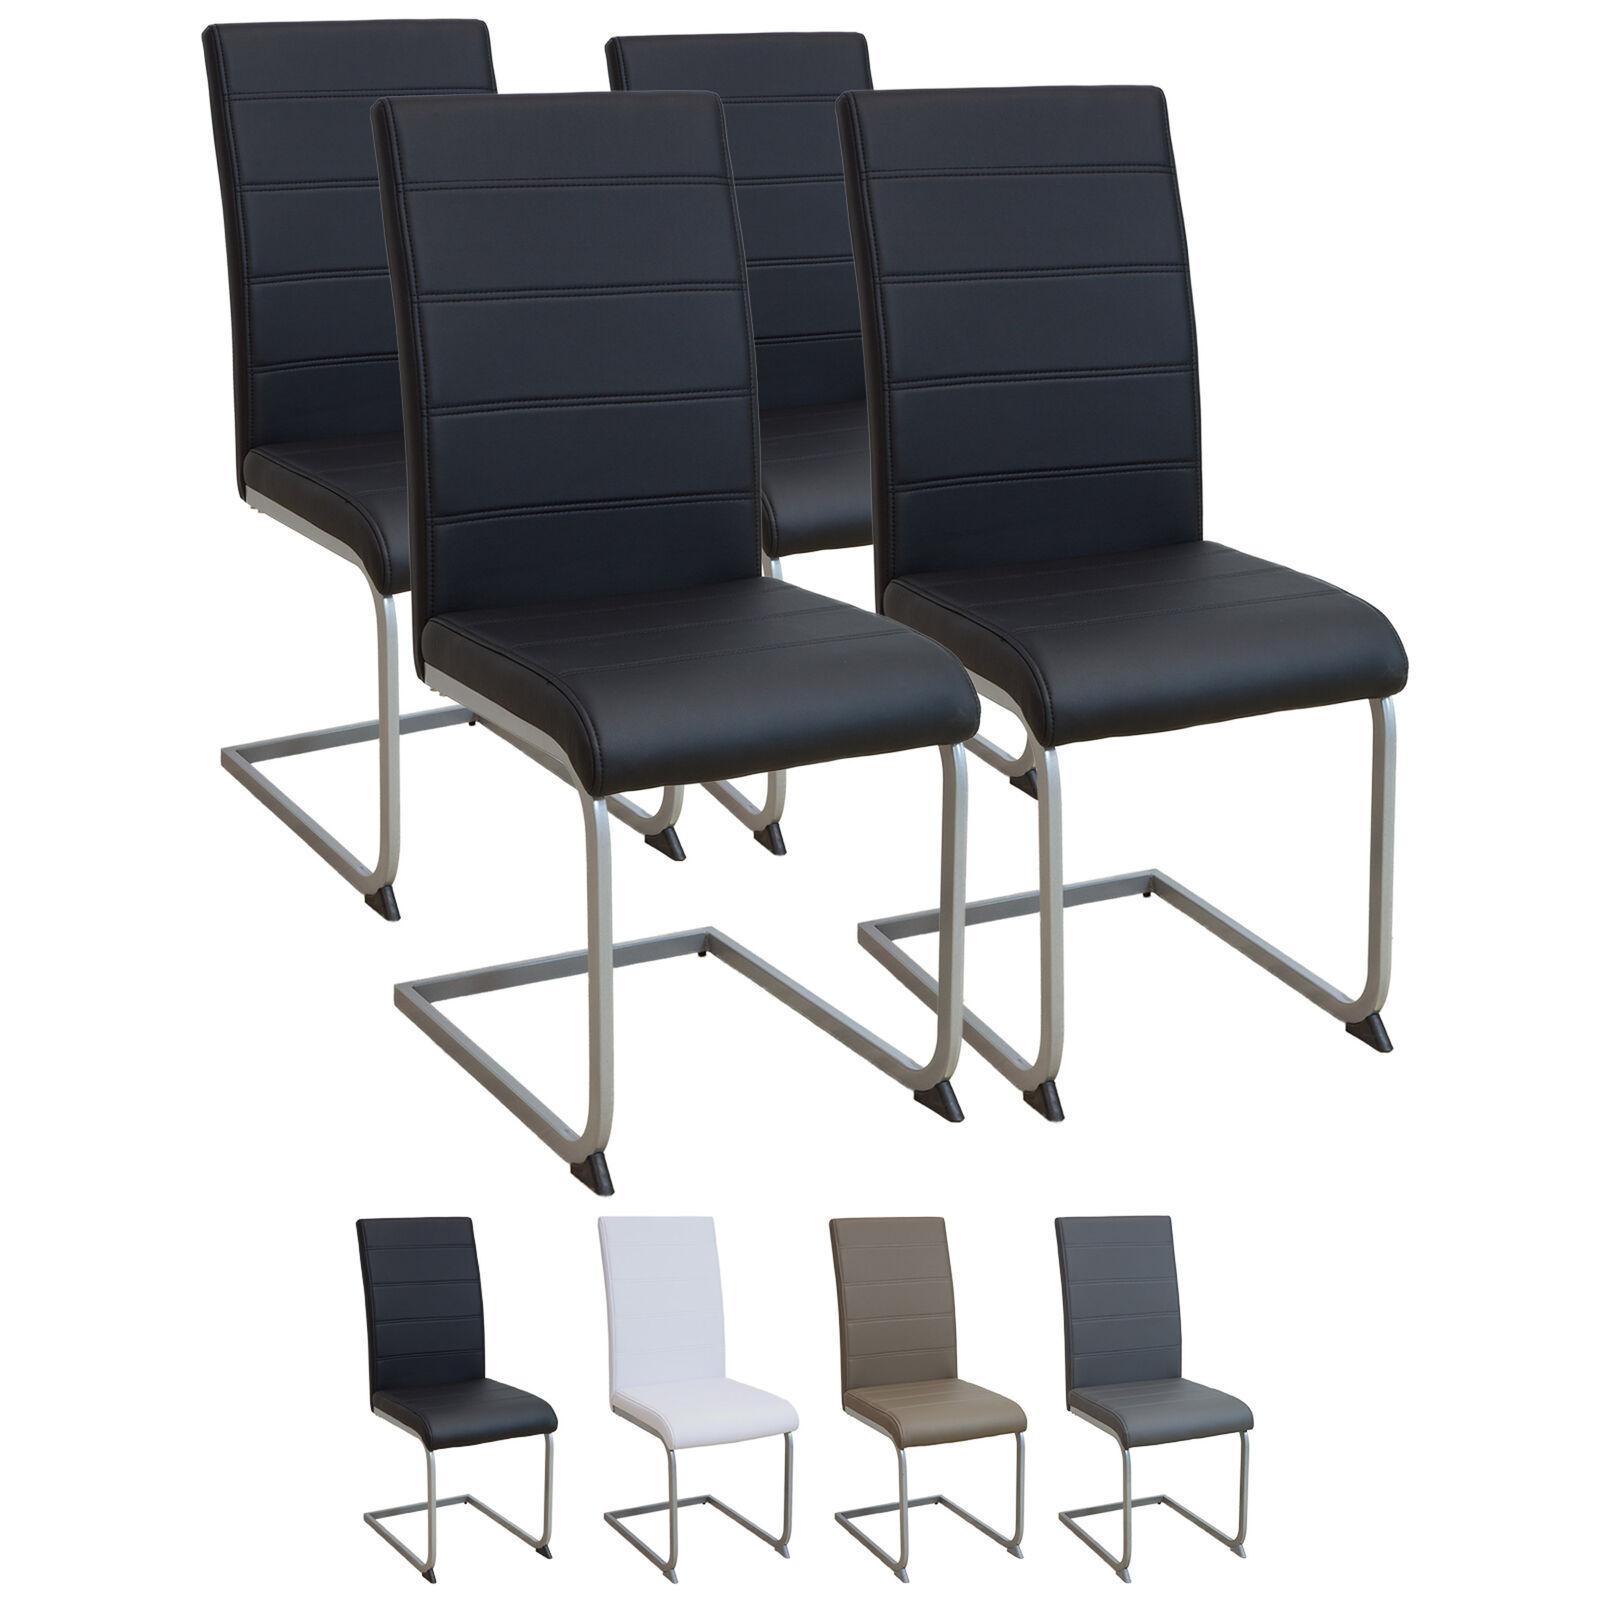 Erstaunlich Esszimmerstühle Leder Dekoration Von Esszimmerstühle Murano, 4er Set, Schwarz, Freischwinger Schwingstuhl